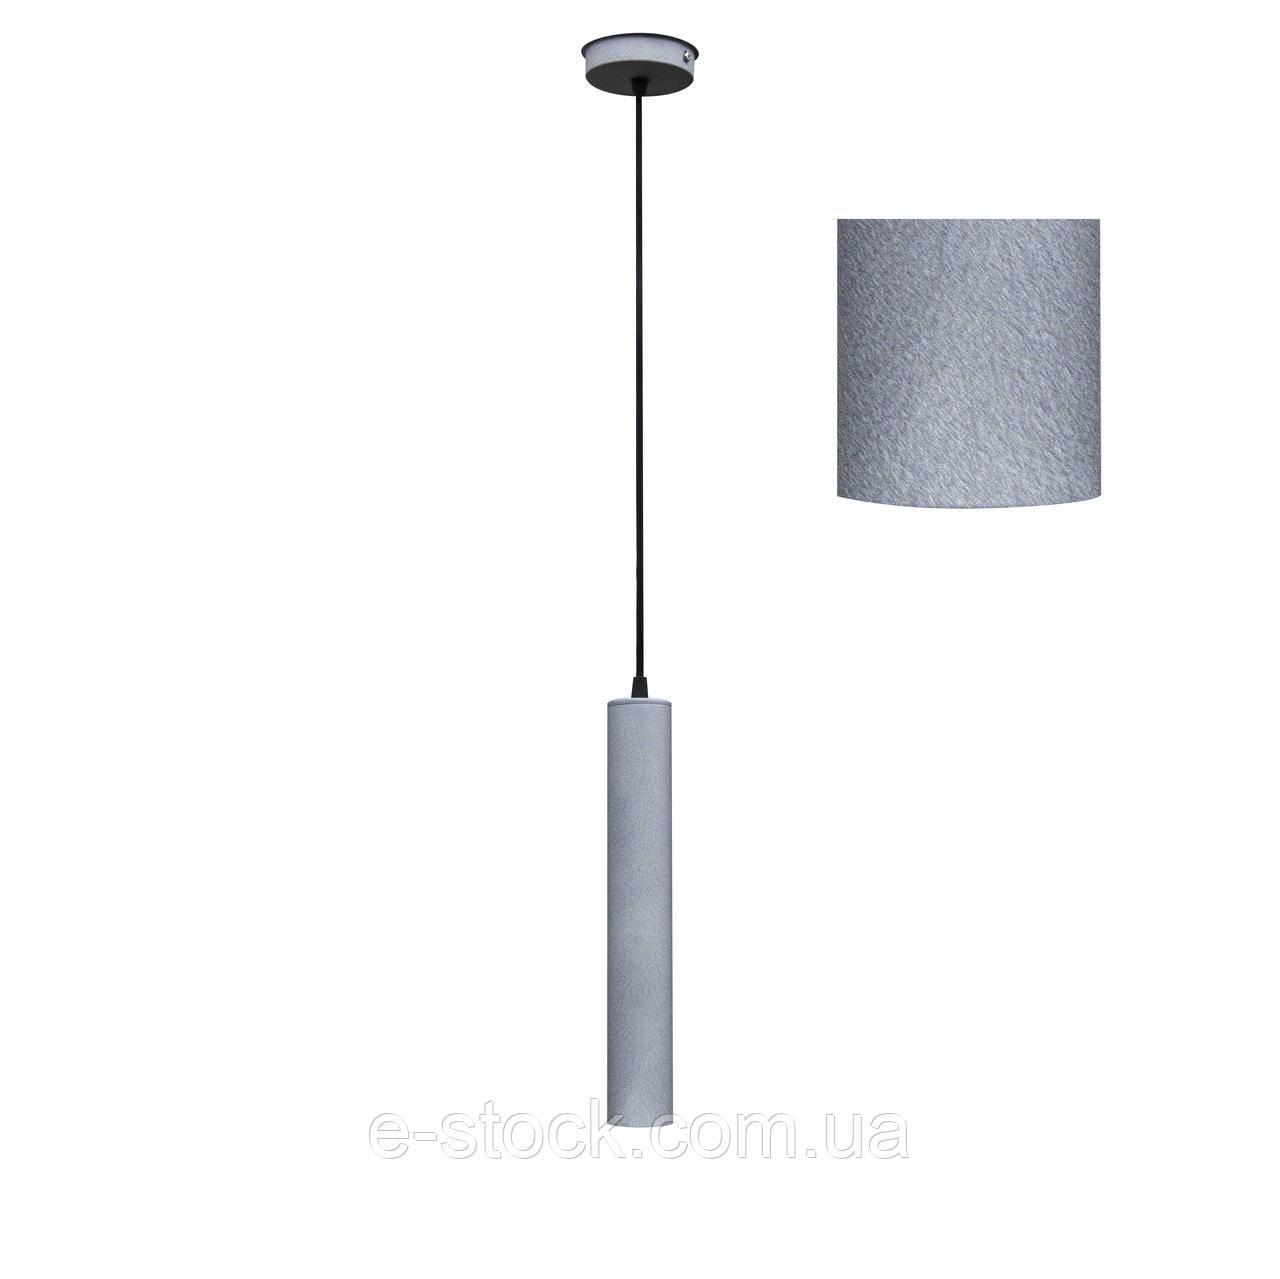 Светильник подвесной   Трубка  MR 3522 GR MSK Electric